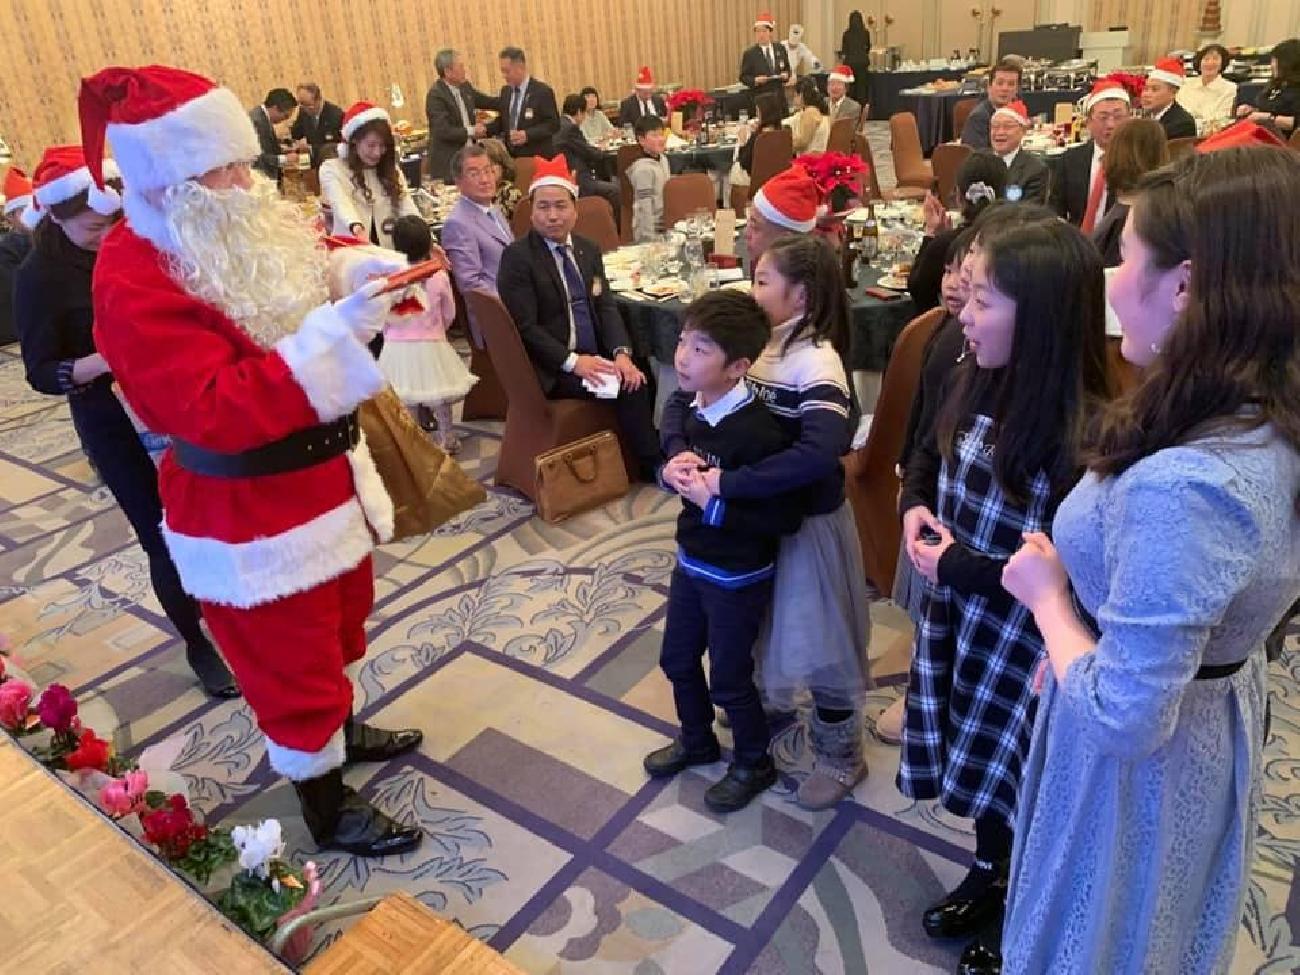 第1135回例会はクリスマス家族例会として開催!